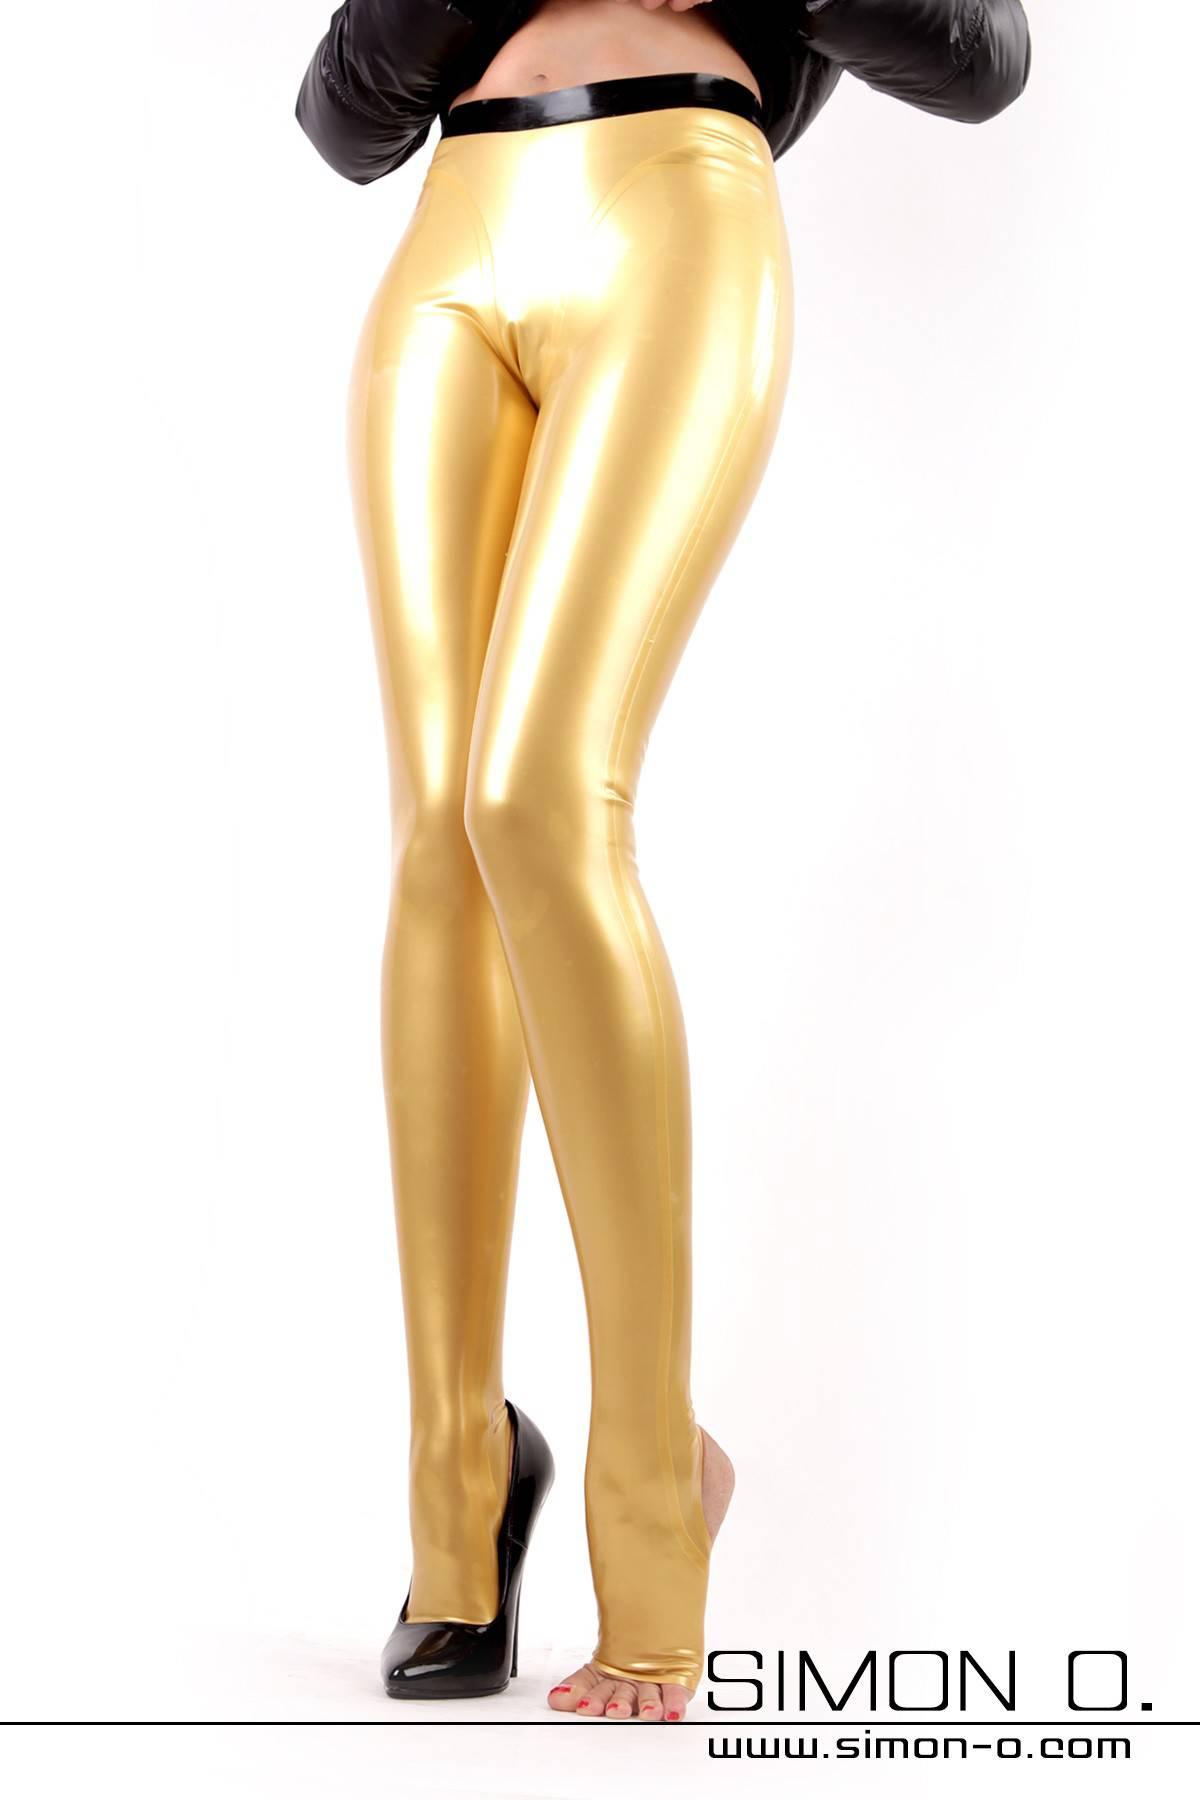 Latex Leggings mit Steg - fast schon eine Latexstrumpfhose Diese Variante der Latex Leggings ist mit unserem neuen Fußsteg ausgestattet. Der Steg ohne …